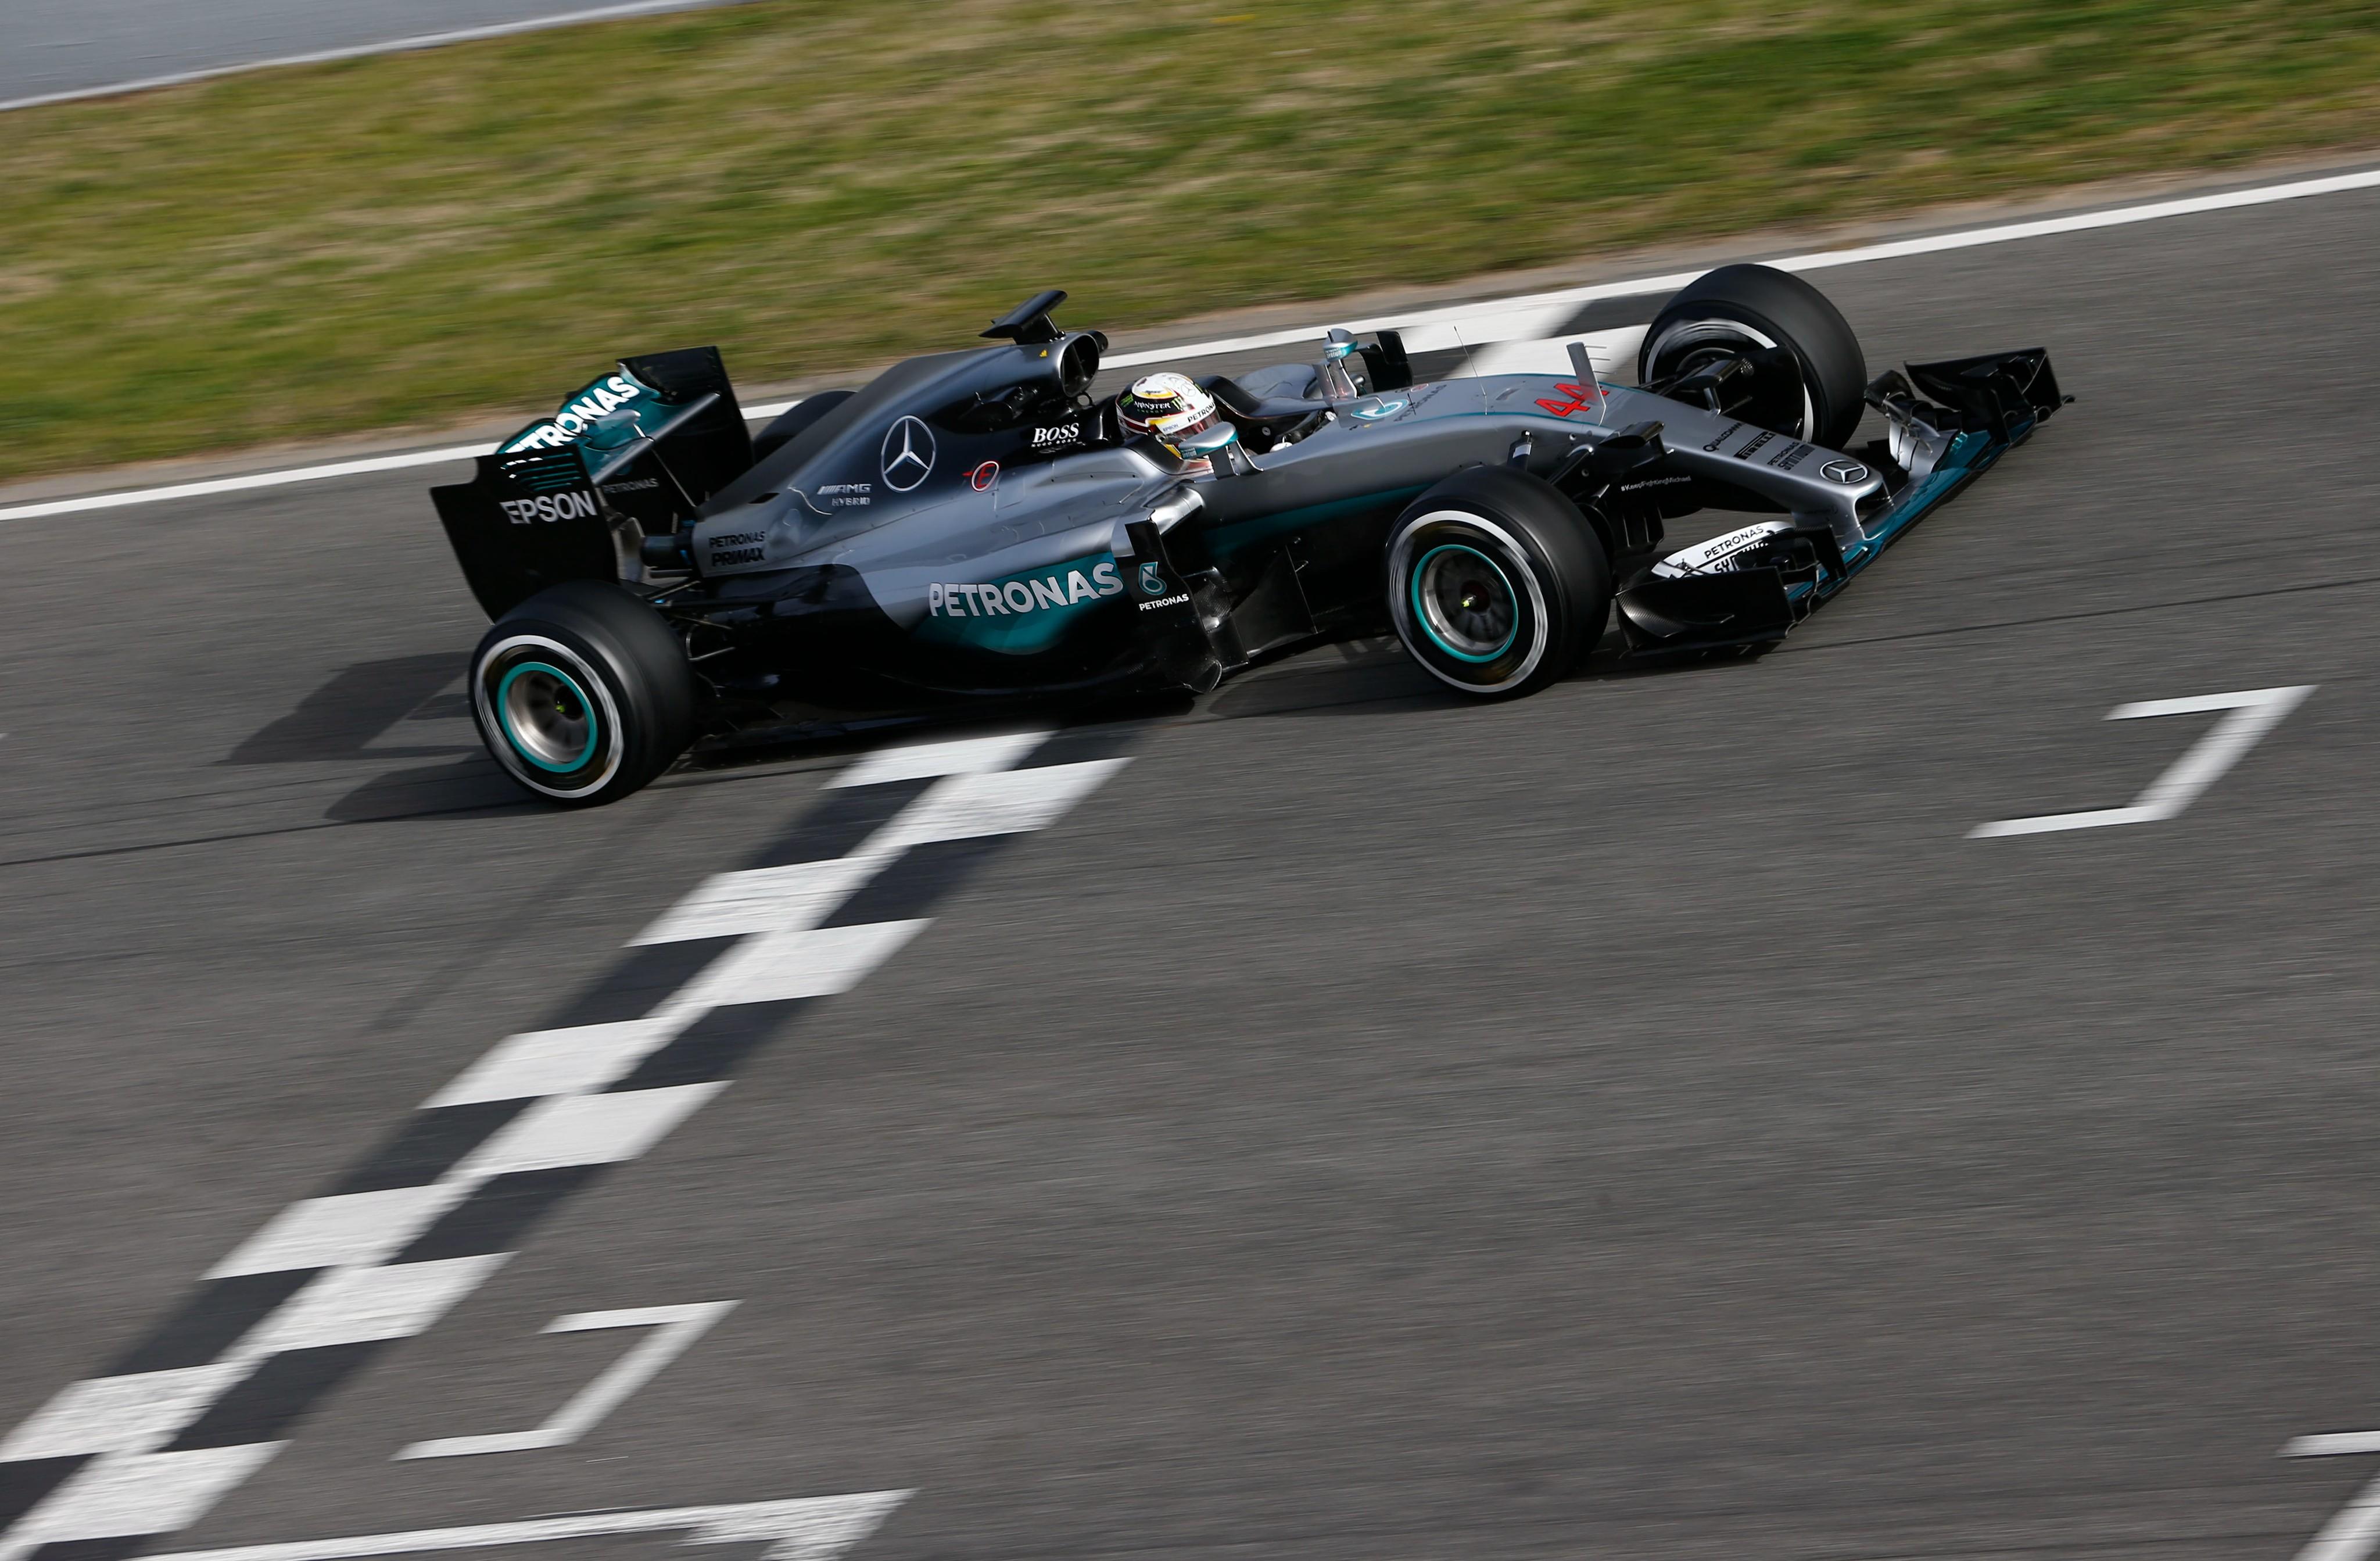 Lexus Nx Hybrid >> Wallpaper Mercedes AMG F1 W07, Hybrid, Formula 1, testing ...